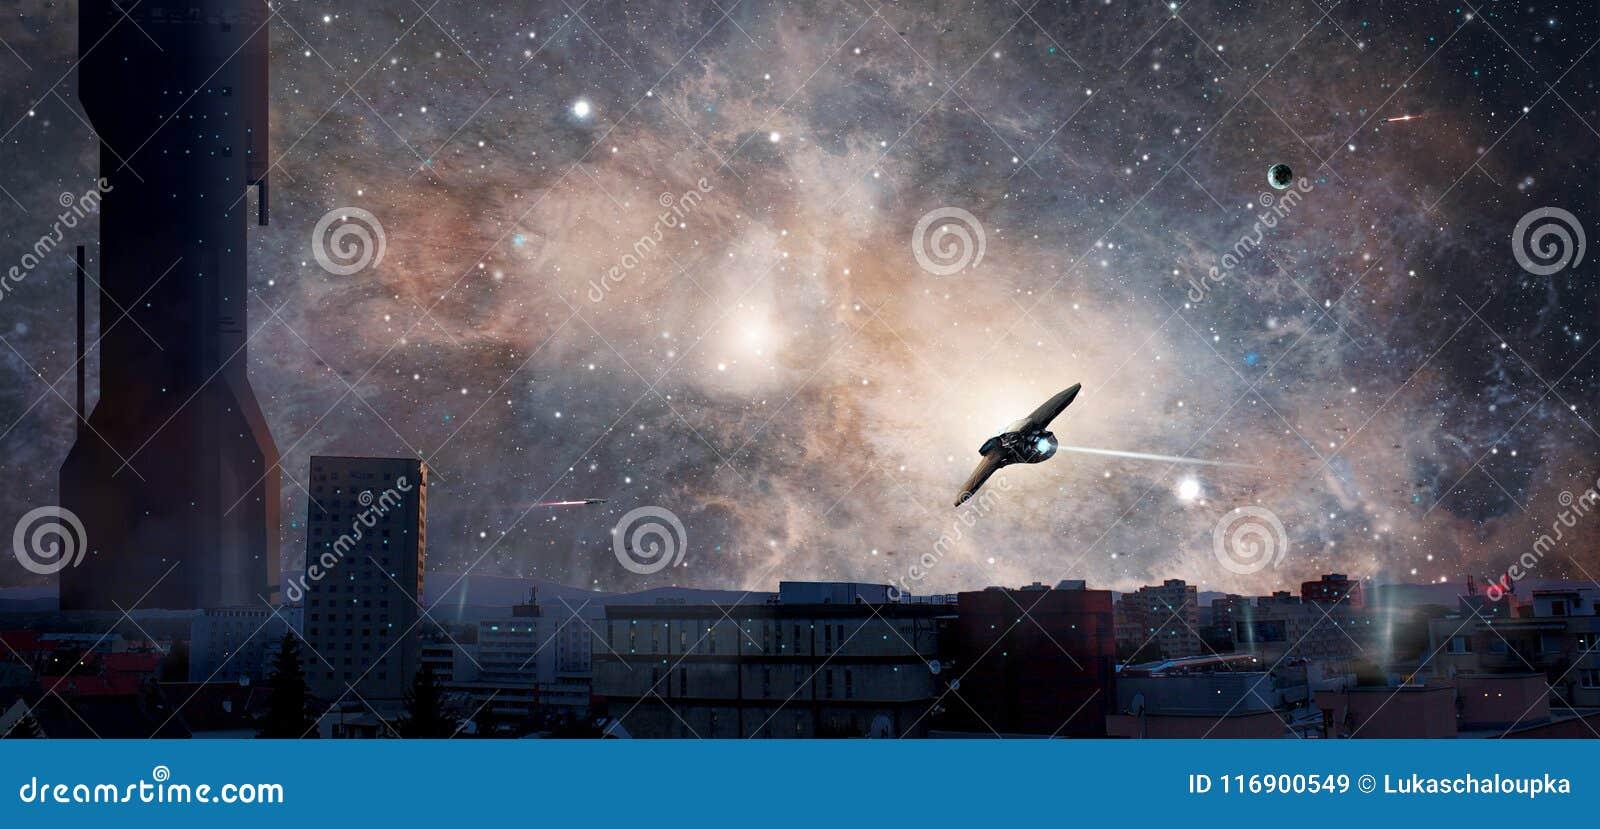 有行星、星云和太空飞船的,元素科学幻想小说城市装备